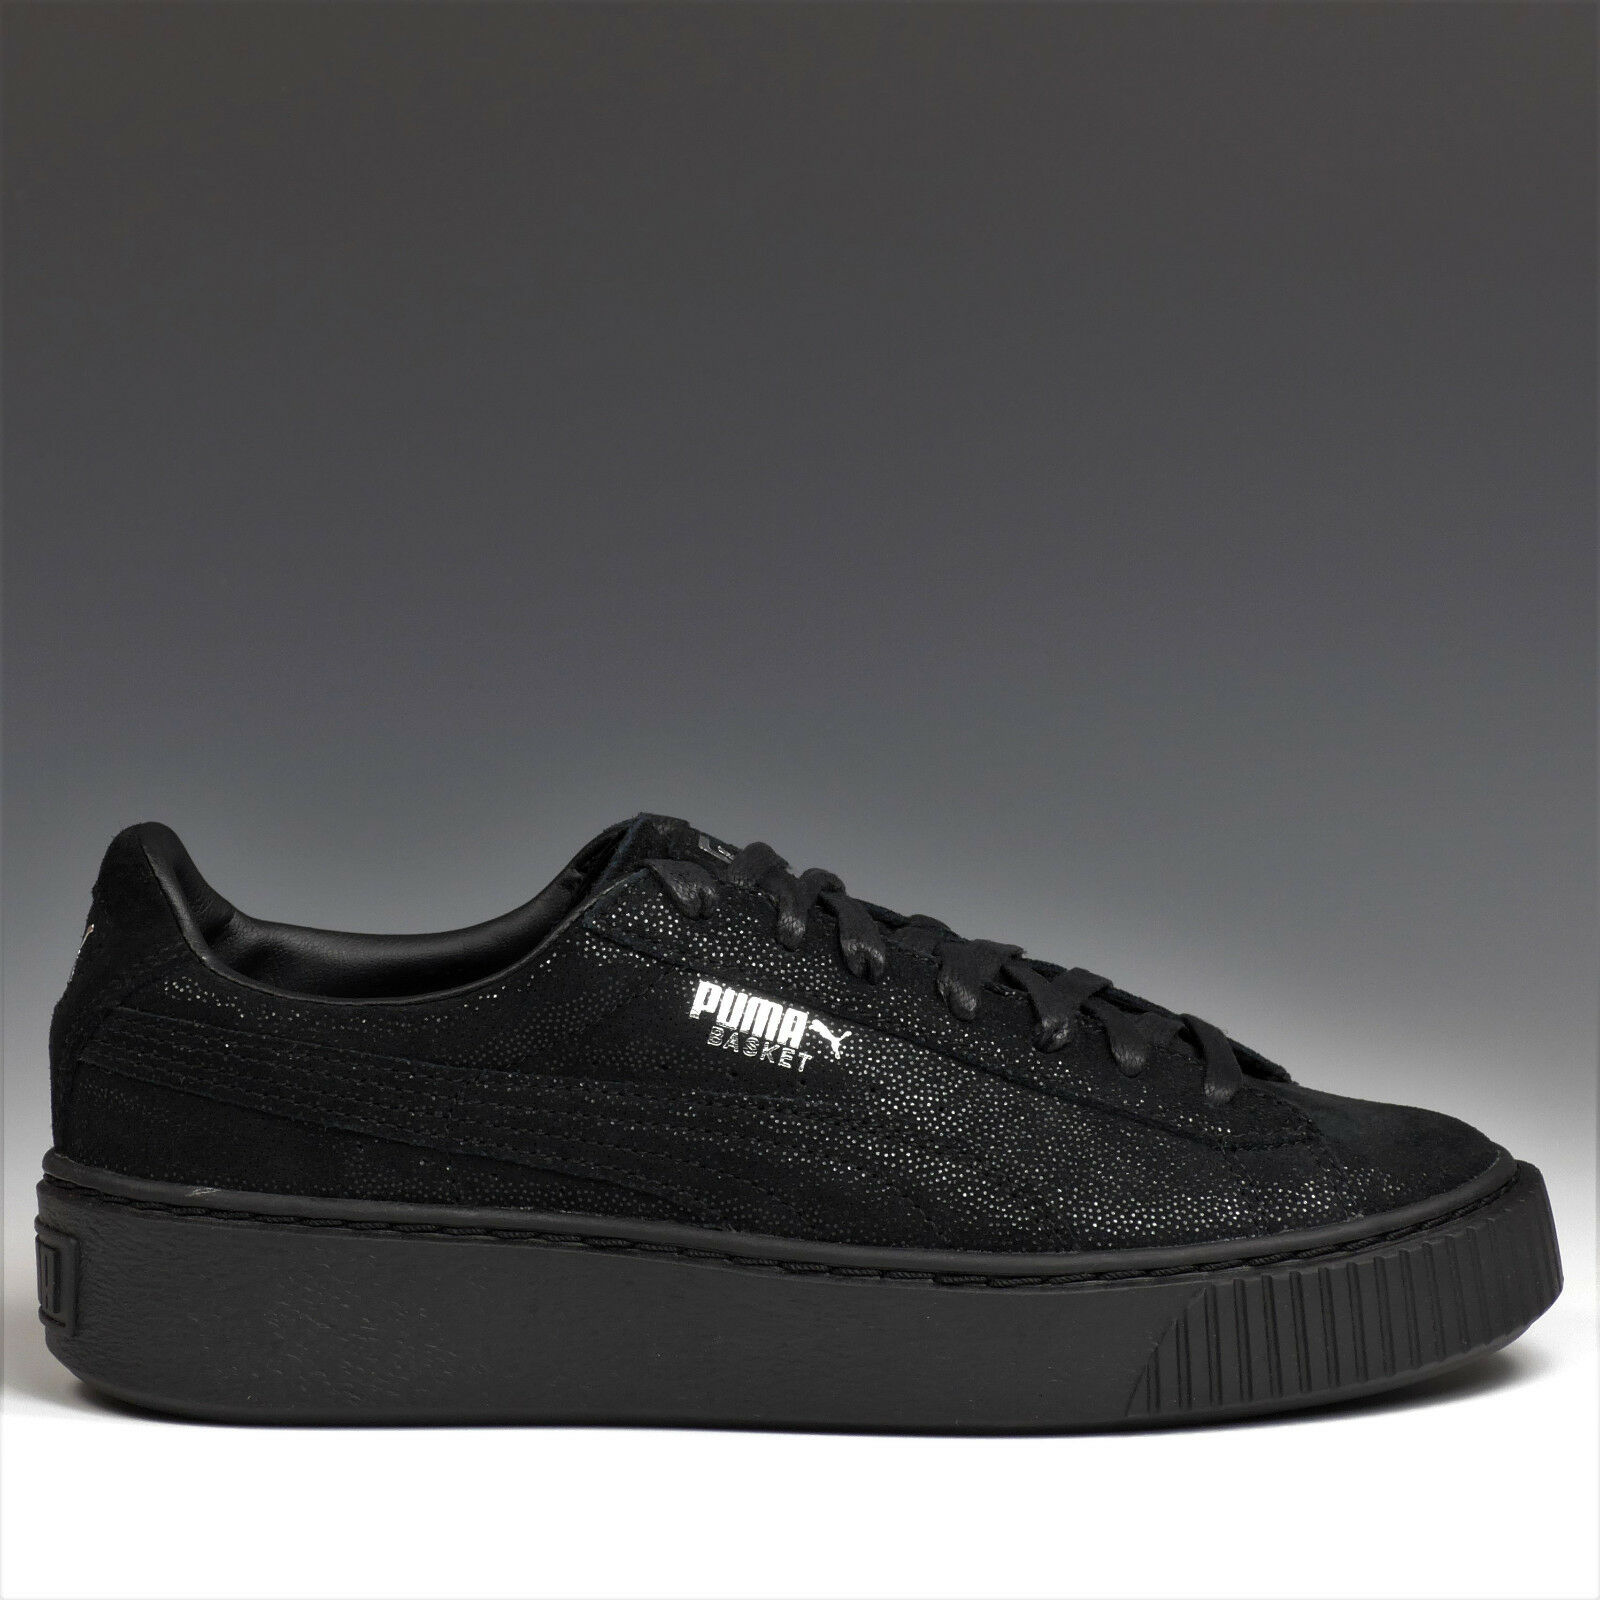 Puma Cesta Plataforma Reset Reset Plataforma Zapatos Mujer Black Zapatillas Negro 363313 04 NUEVO 9d928a